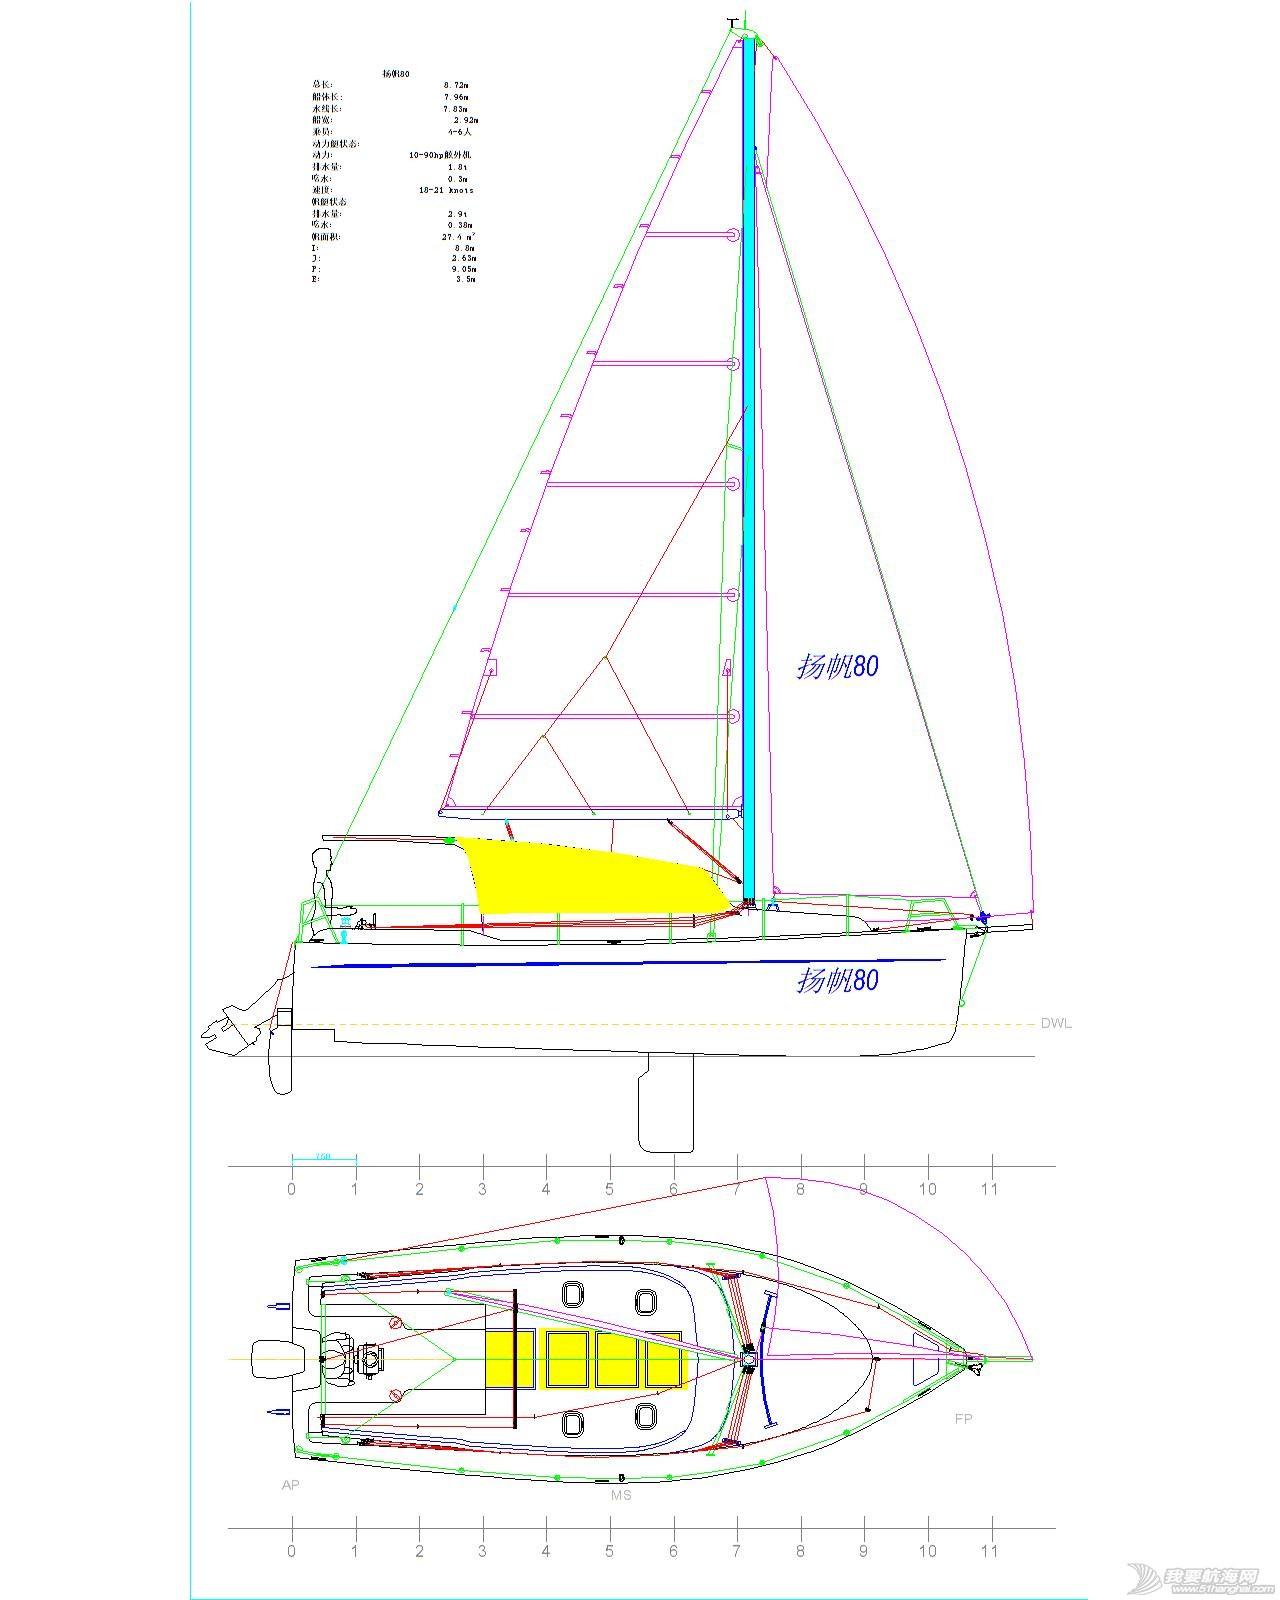 中国,特色,意大利,夏利轿车,竞争对手 PB273入门级动力风帆两用游艇,国内设计,符合中国特色!! 杨帆80.jpg